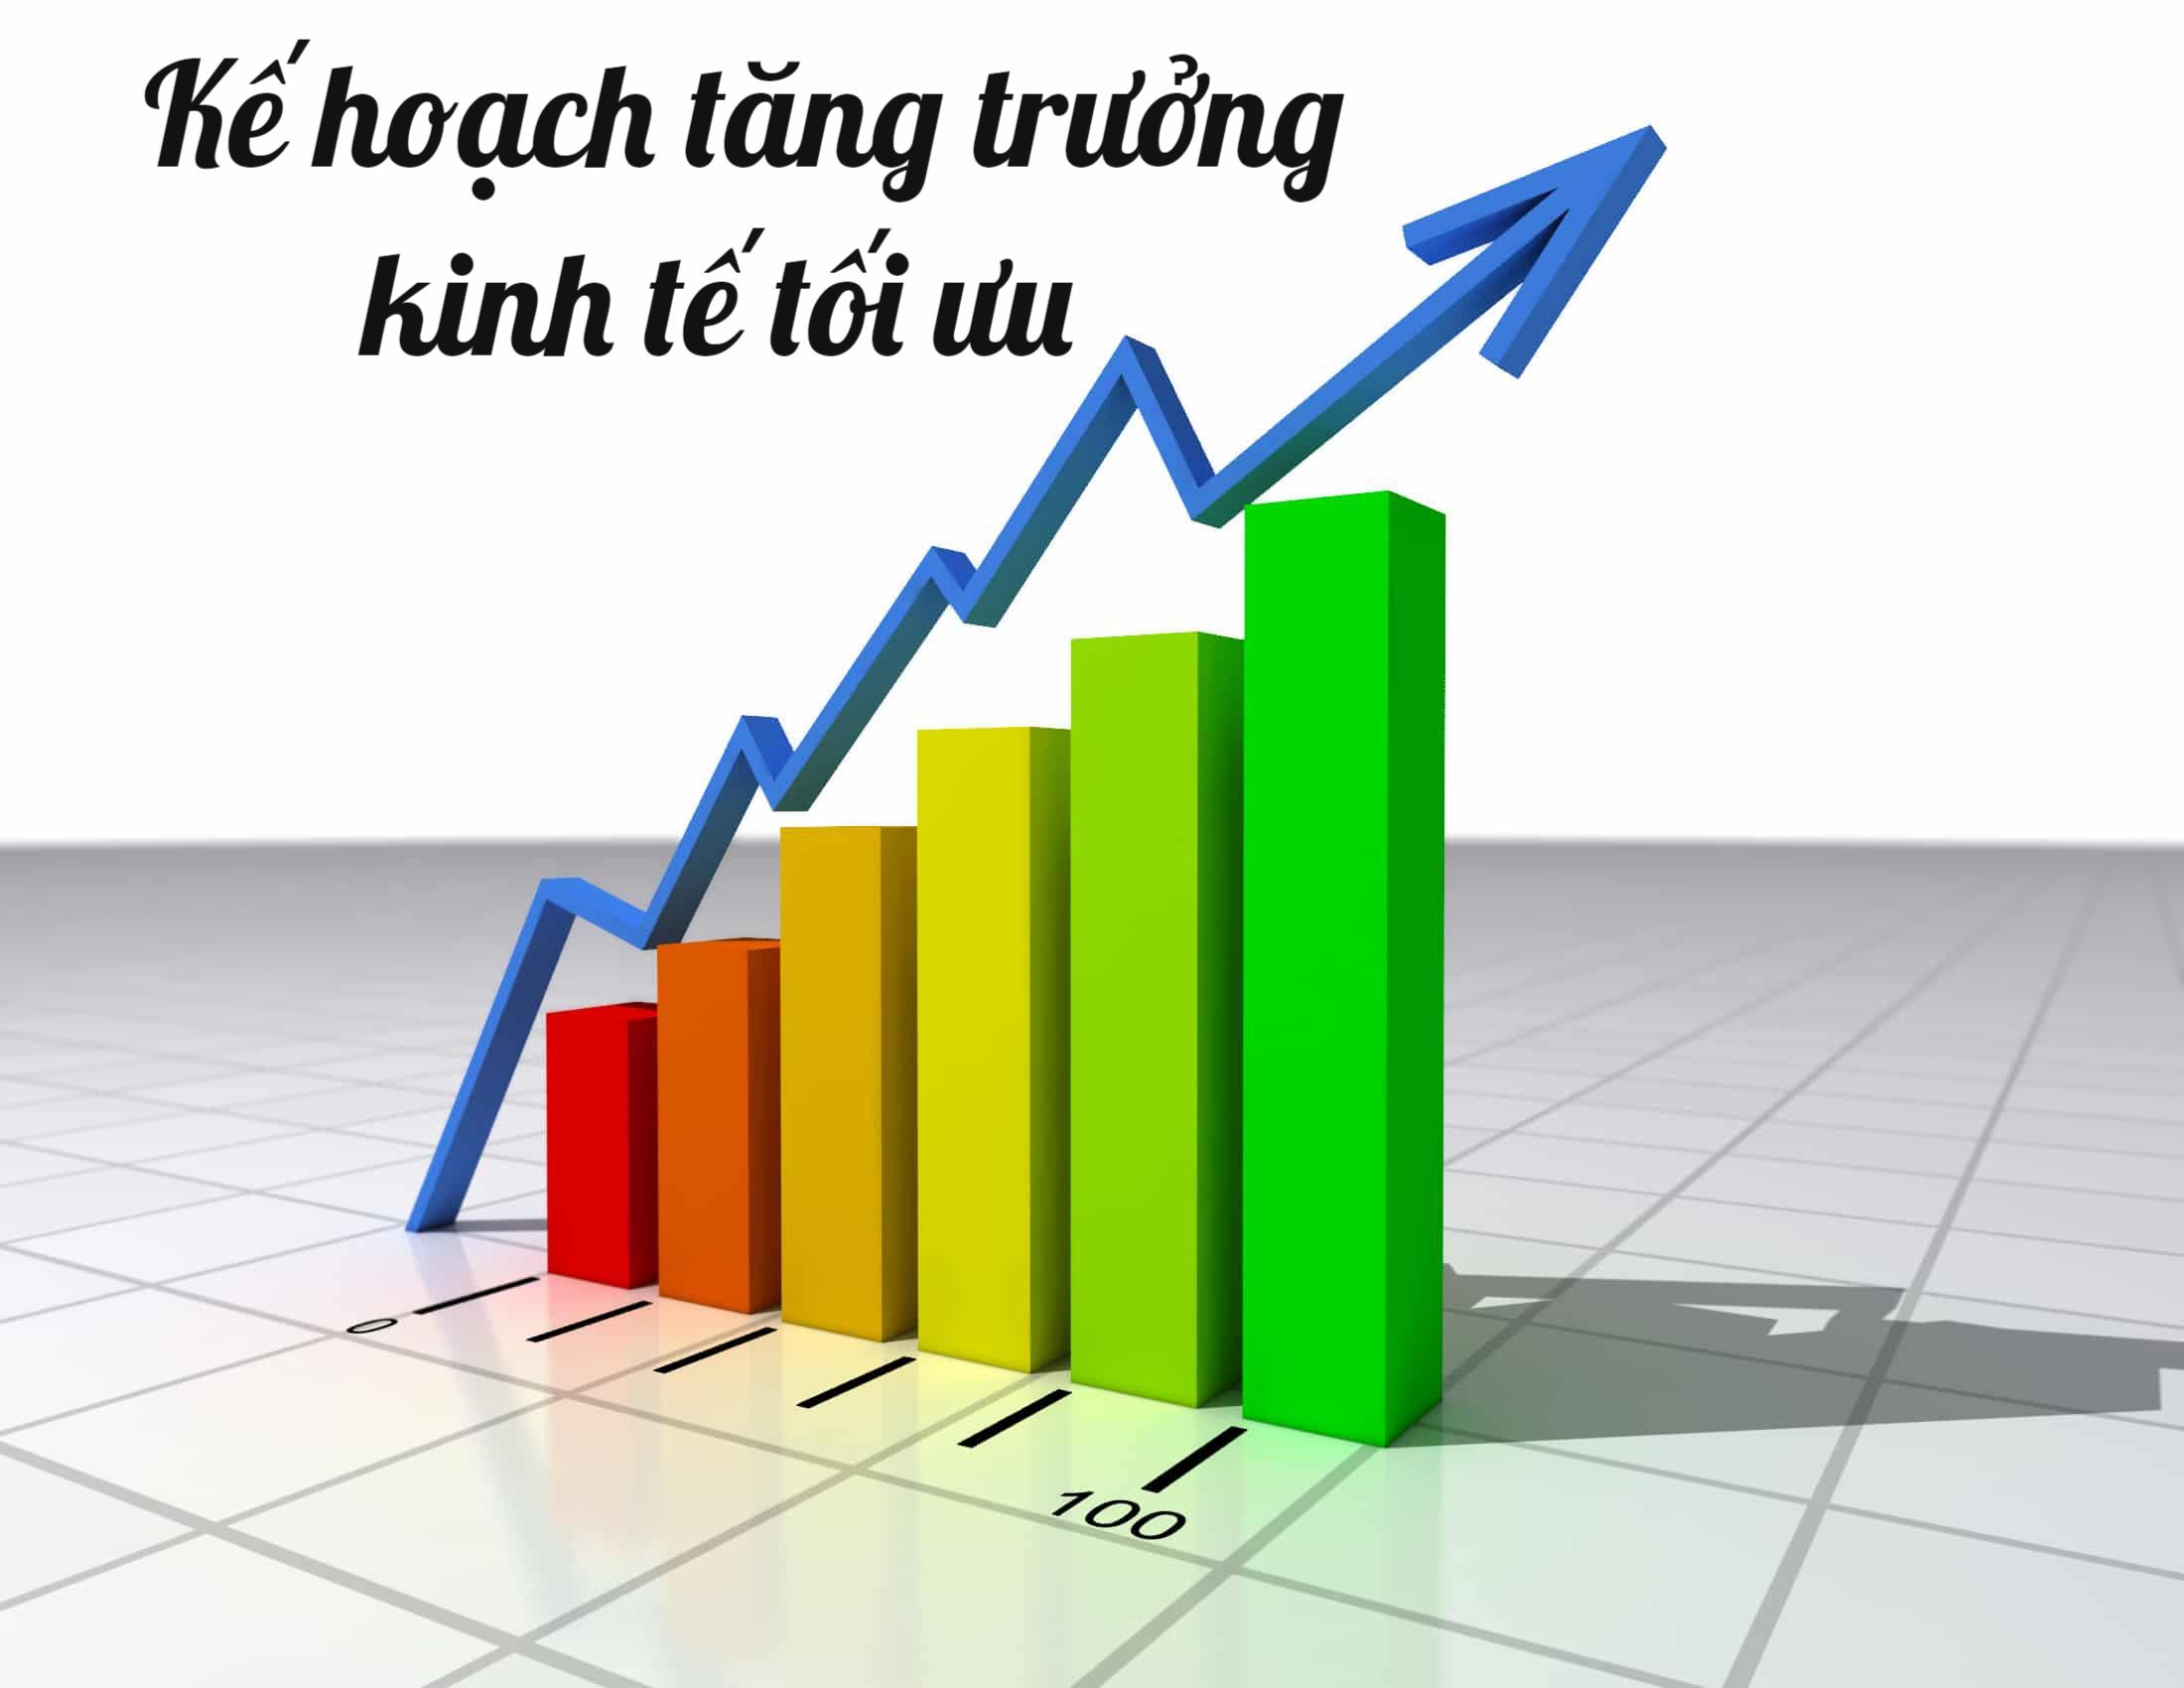 Kế hoạch tăng trưởng kinh tế tối ưu là gì? - Ảnh 1.